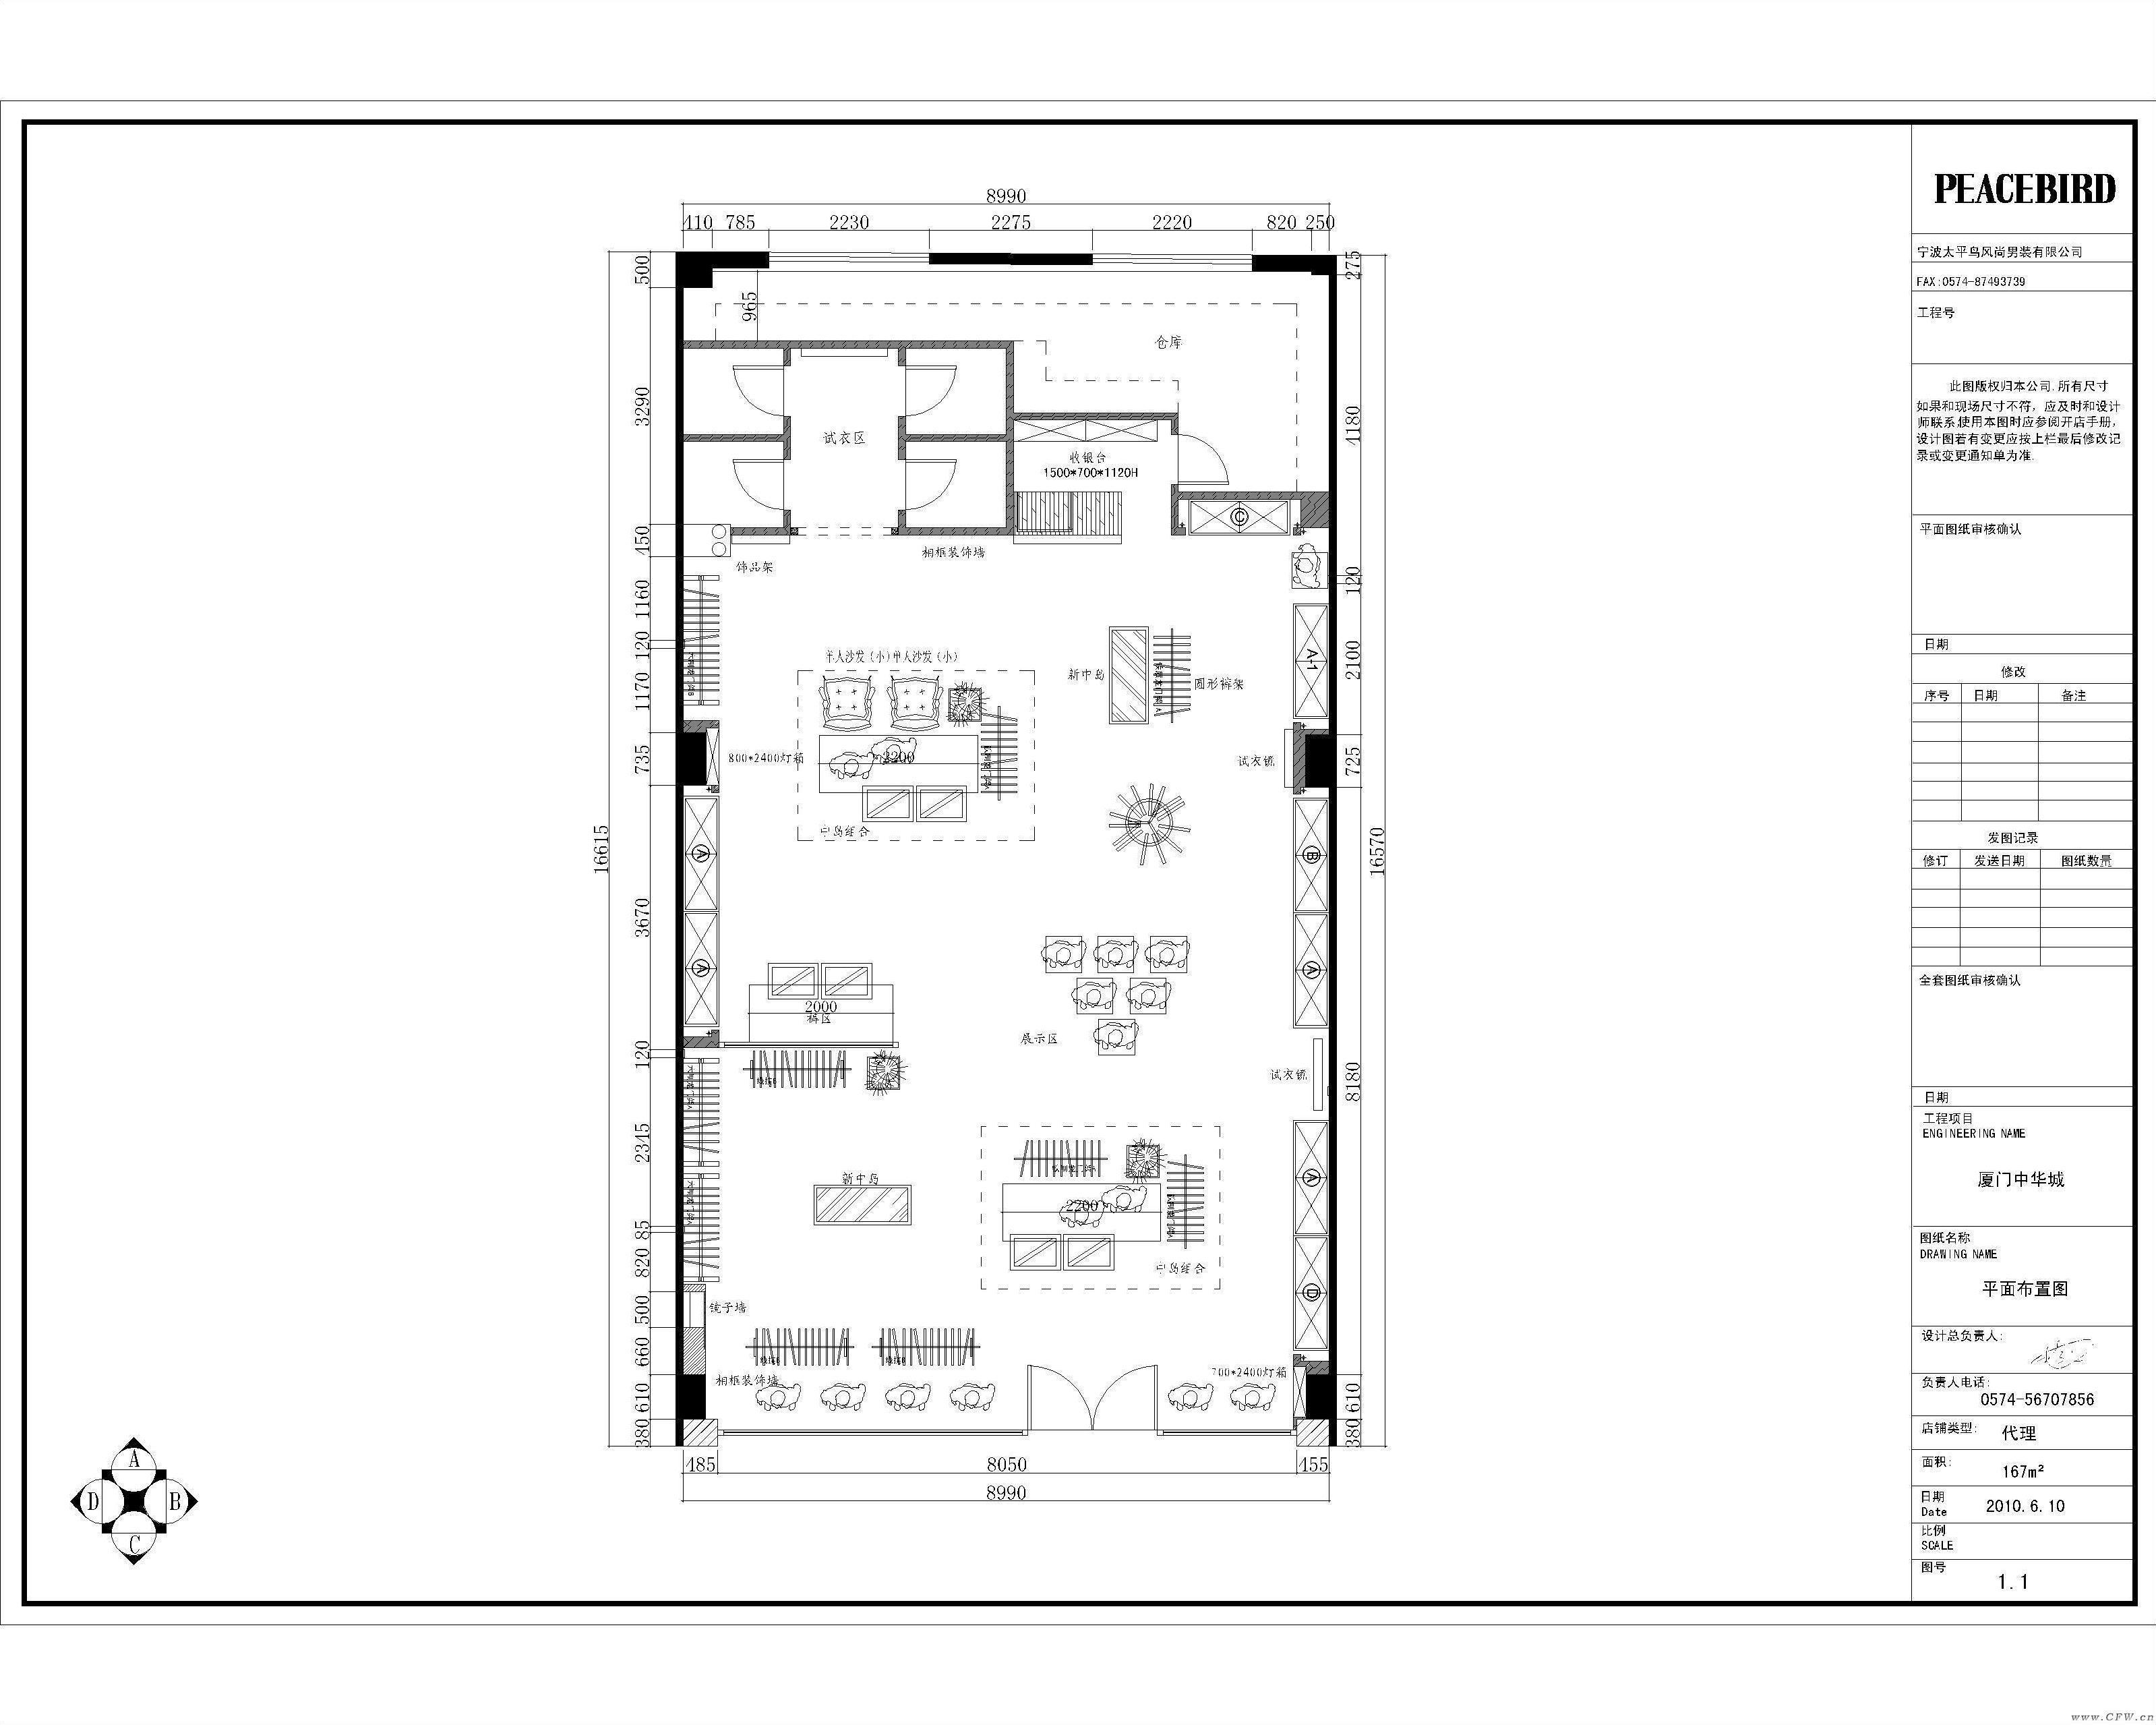 店铺平面图-橱窗陈列设计-服装设计